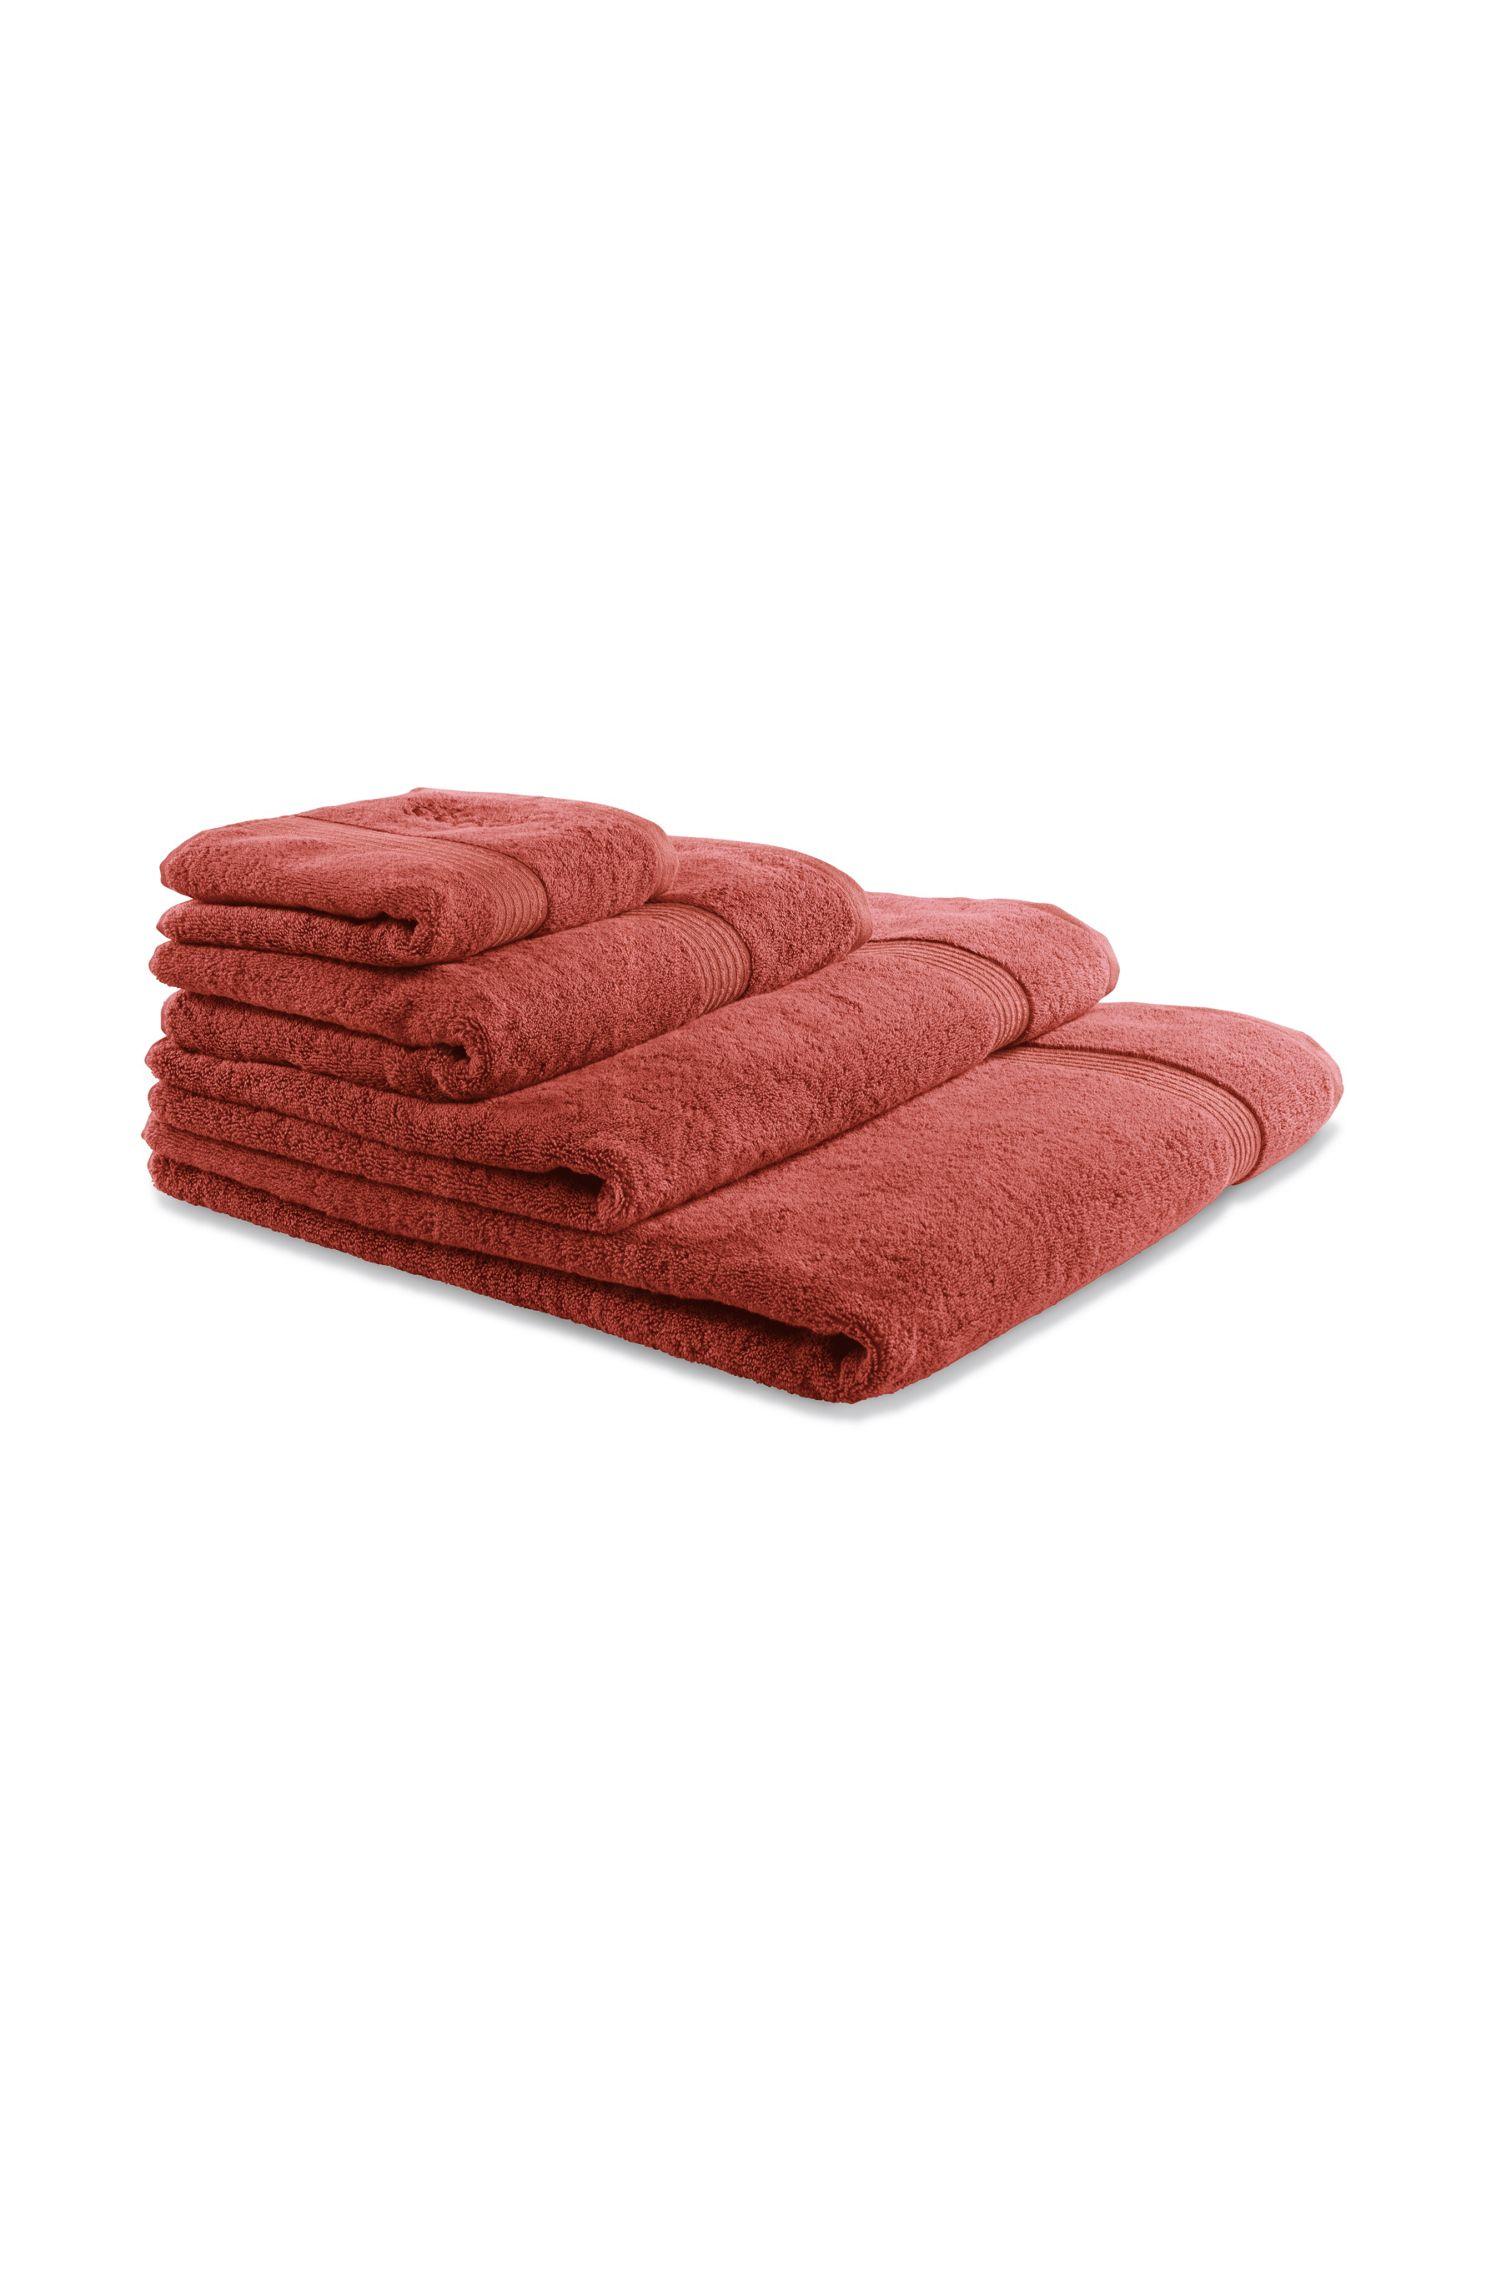 Toalla de baño en algodón peinado del Egeo con borde de canalé